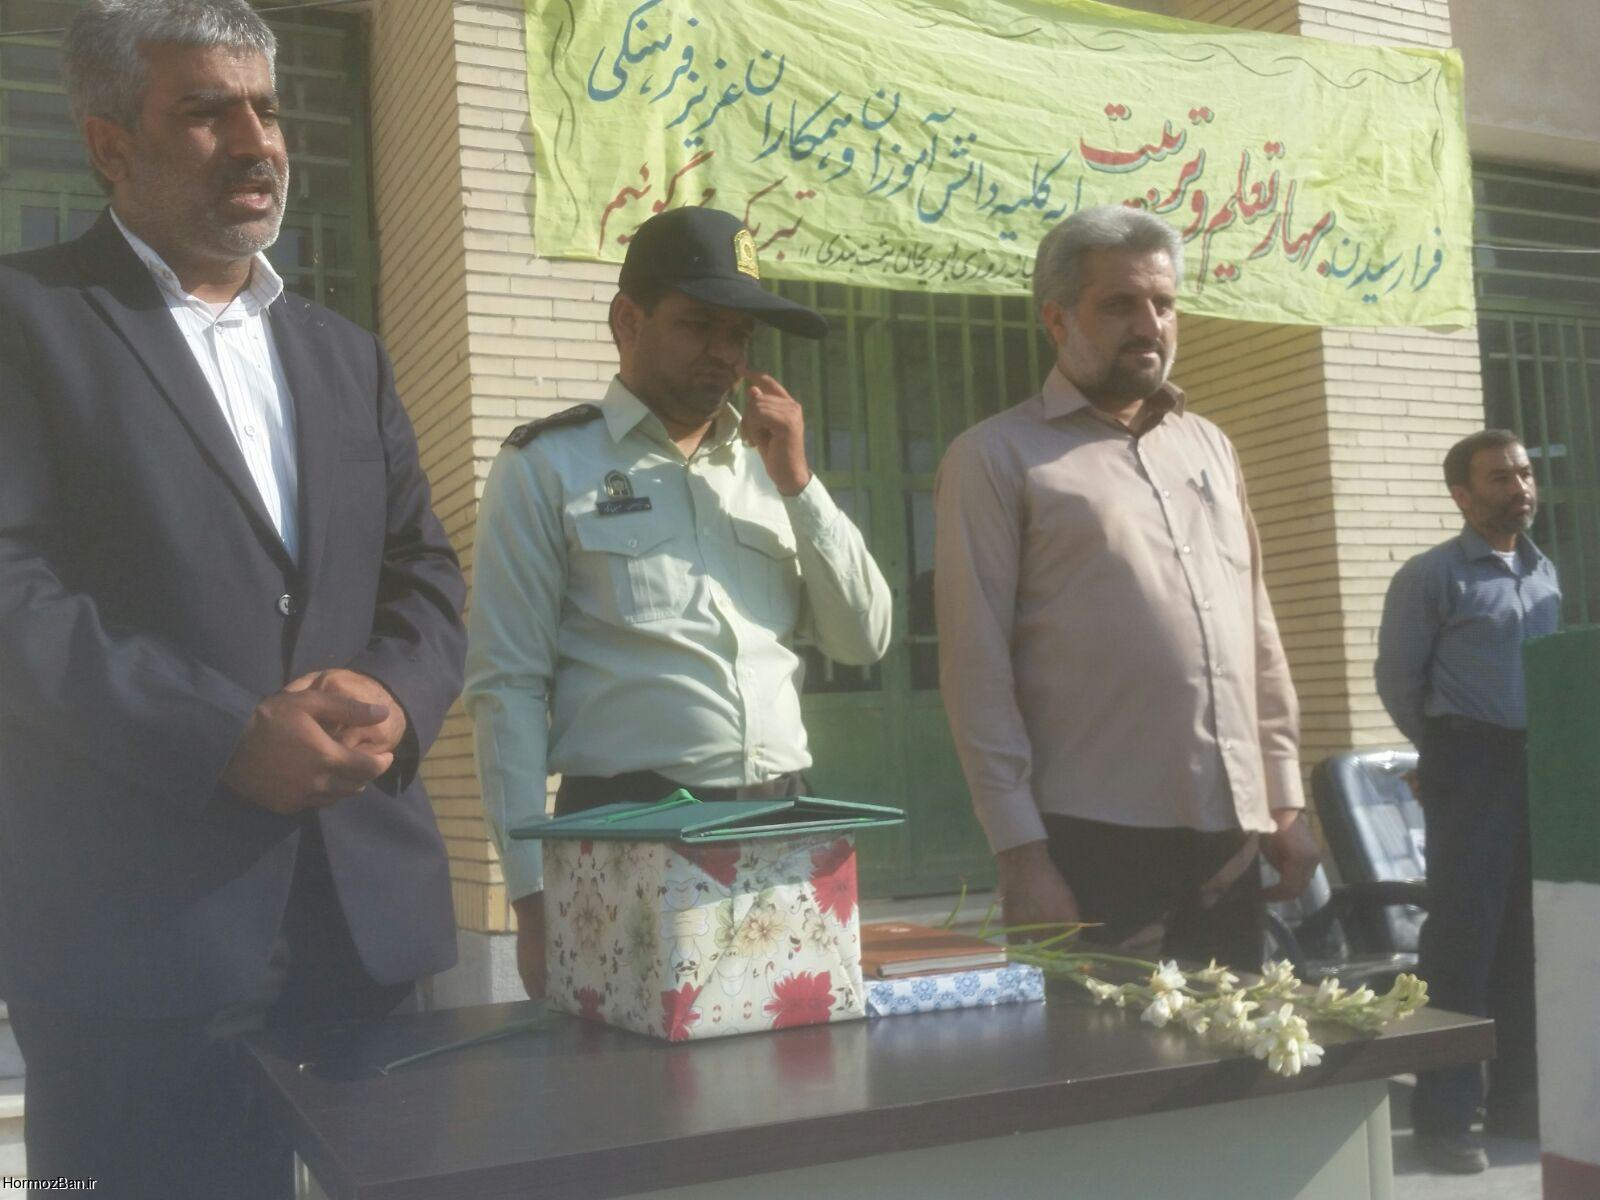 گرامیداشت هفته نیروی انتظامی در دبیرستان شبانه روزی ابوریحان هشت بندی